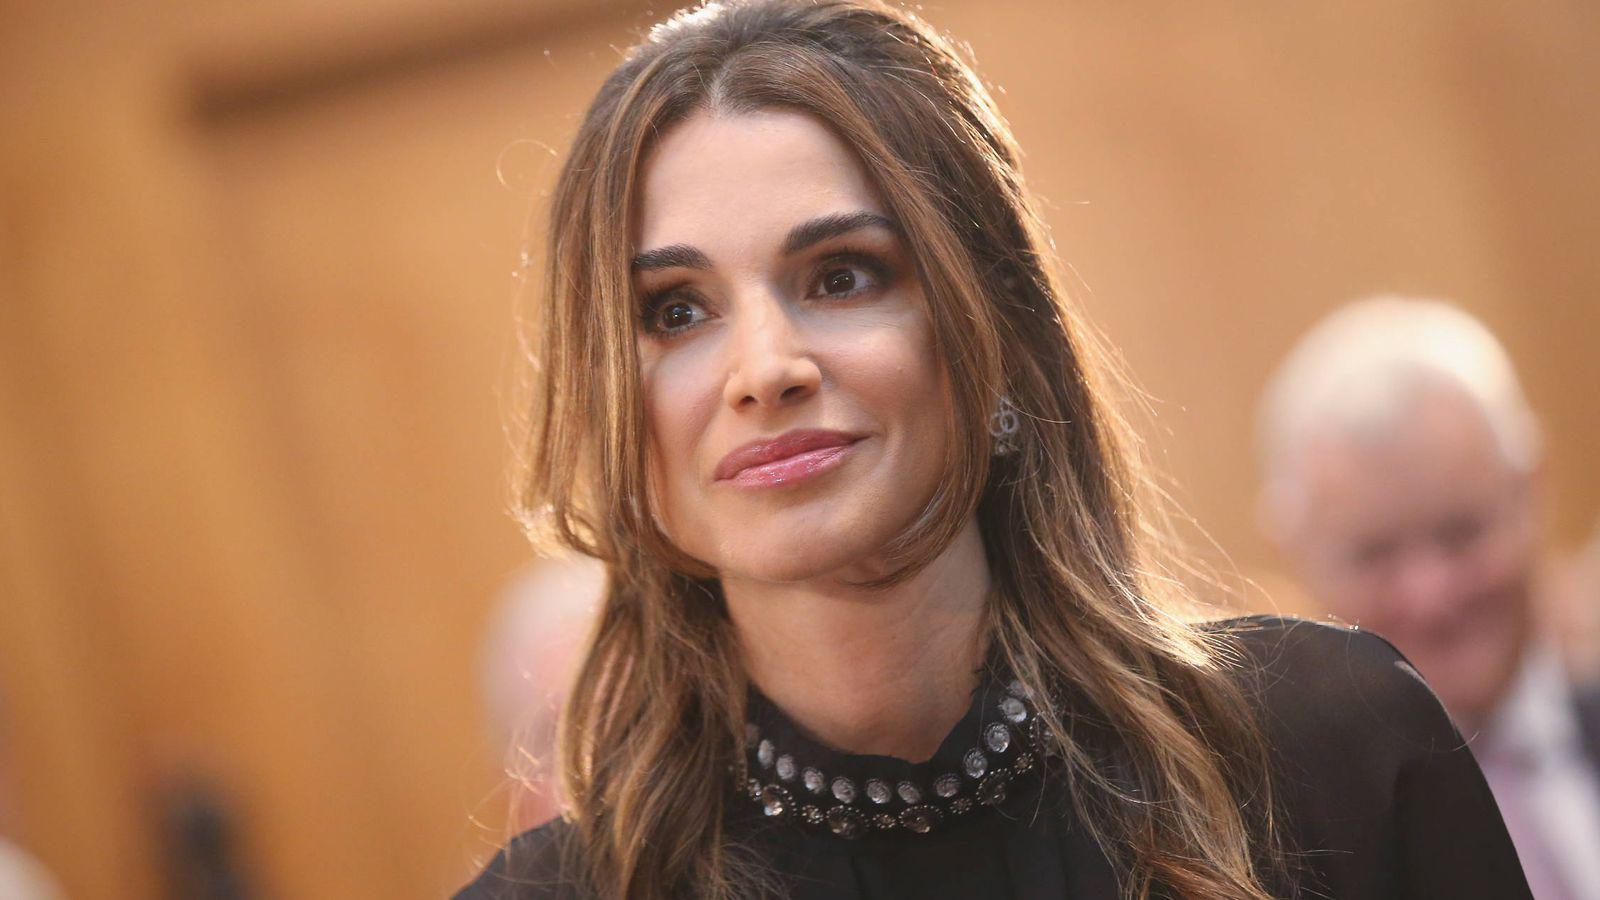 Foto: La reina Rania, en un acto en Alemania. (Getty)